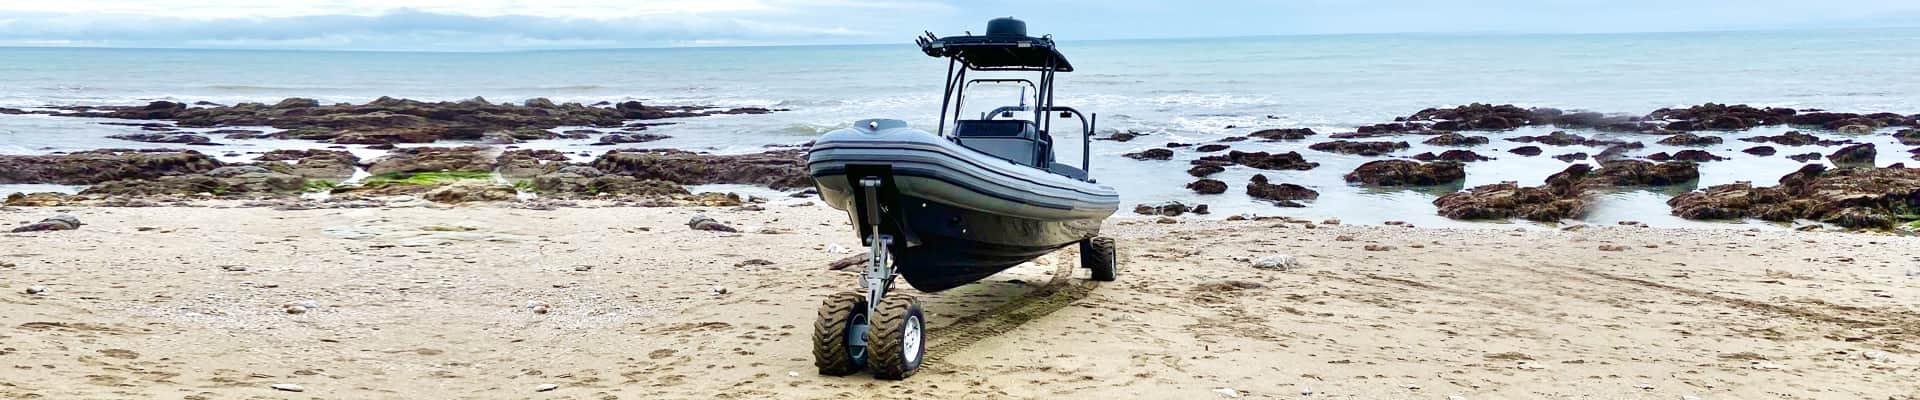 asis-boats-amphibious-8.4m (1)